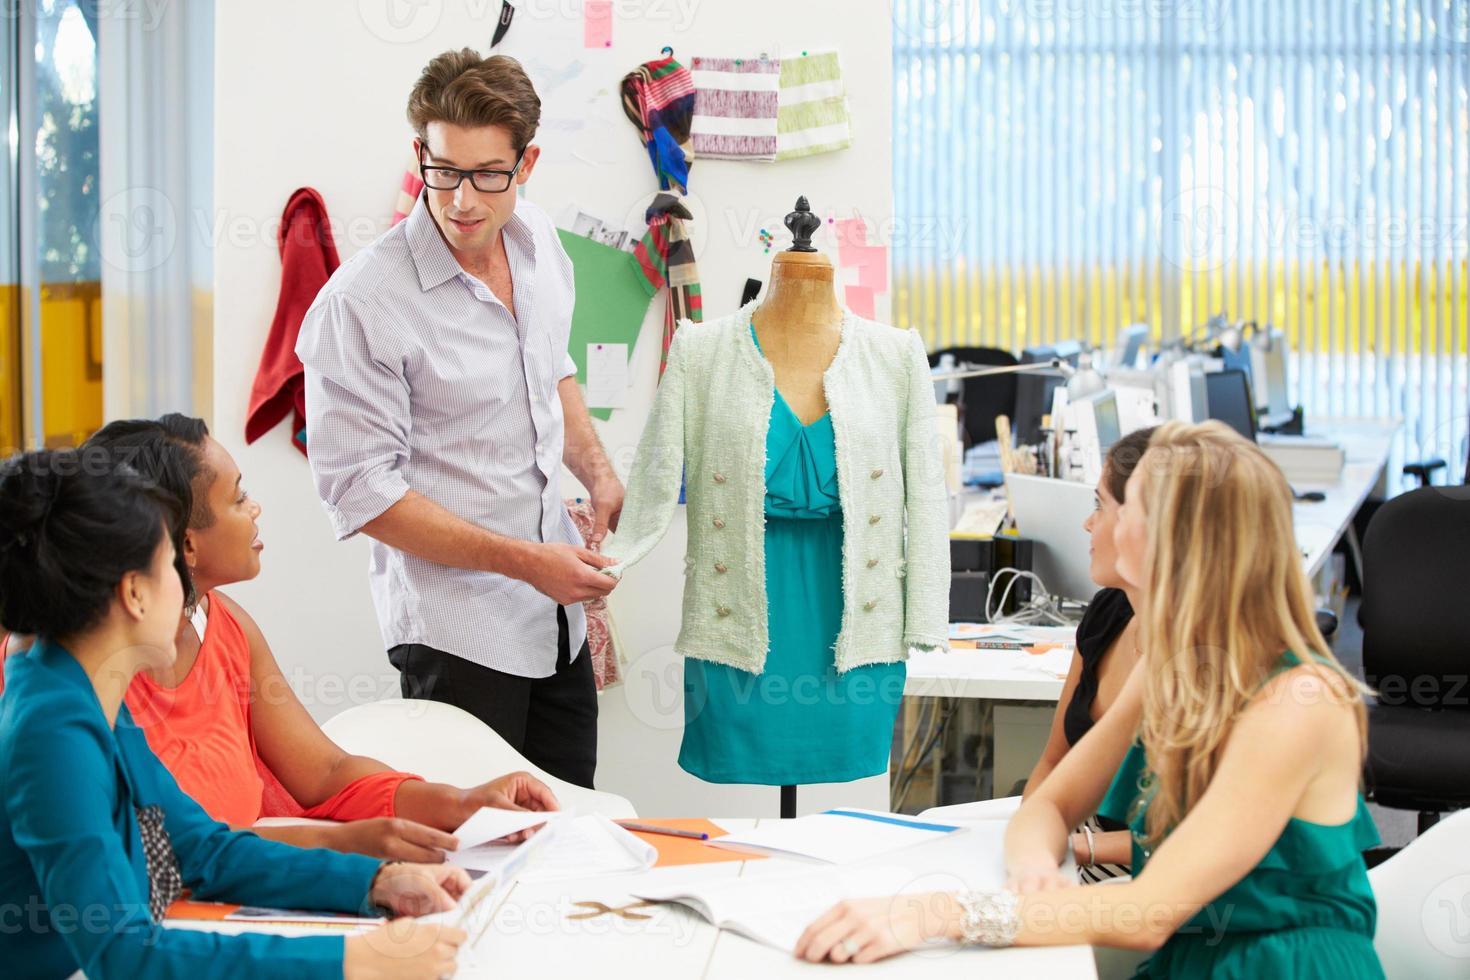 reunião no estúdio de design de moda foto